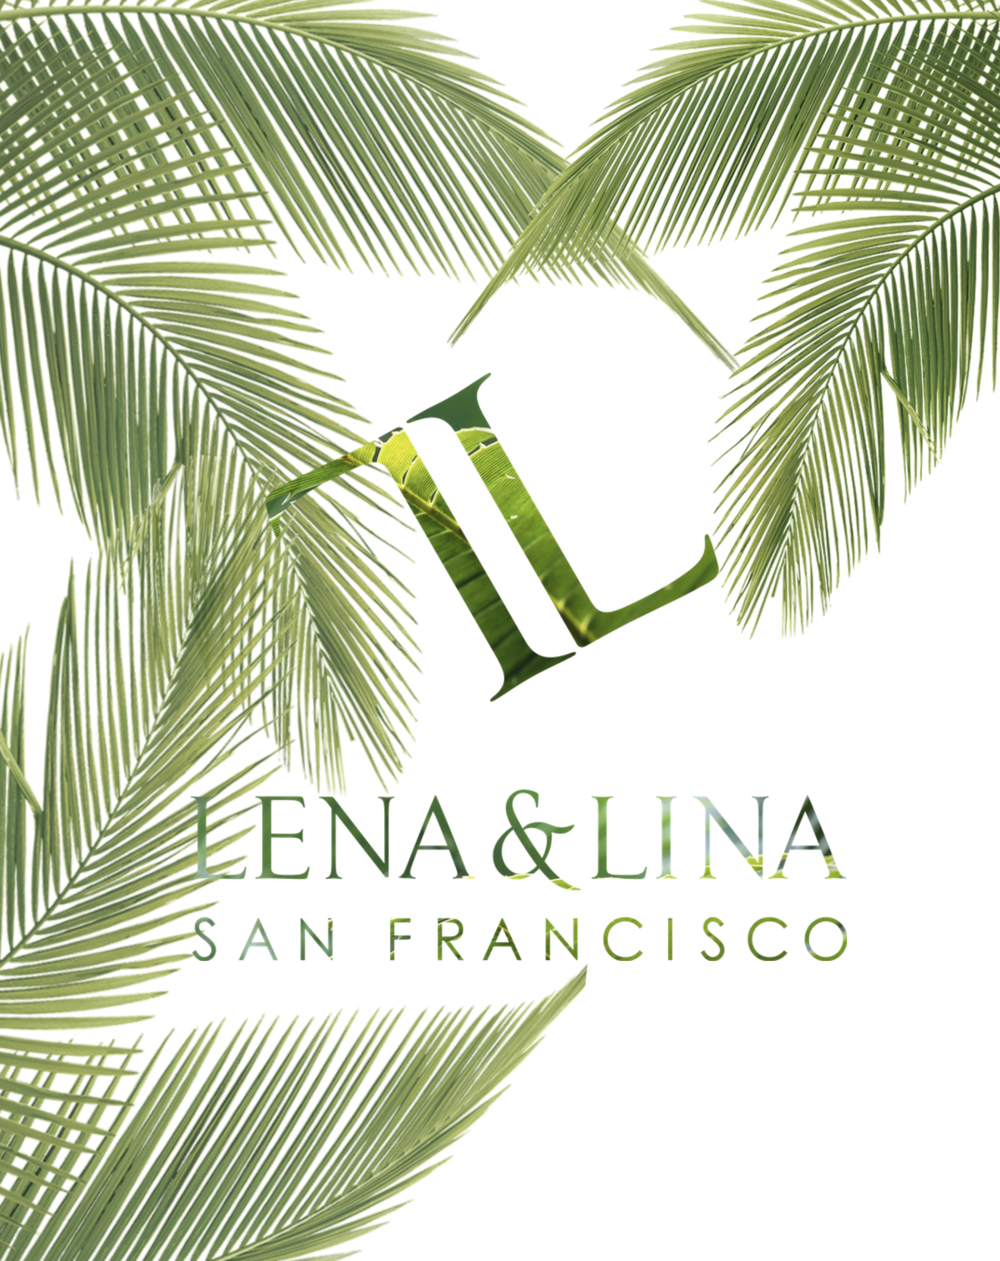 Lena Lina San Francisco